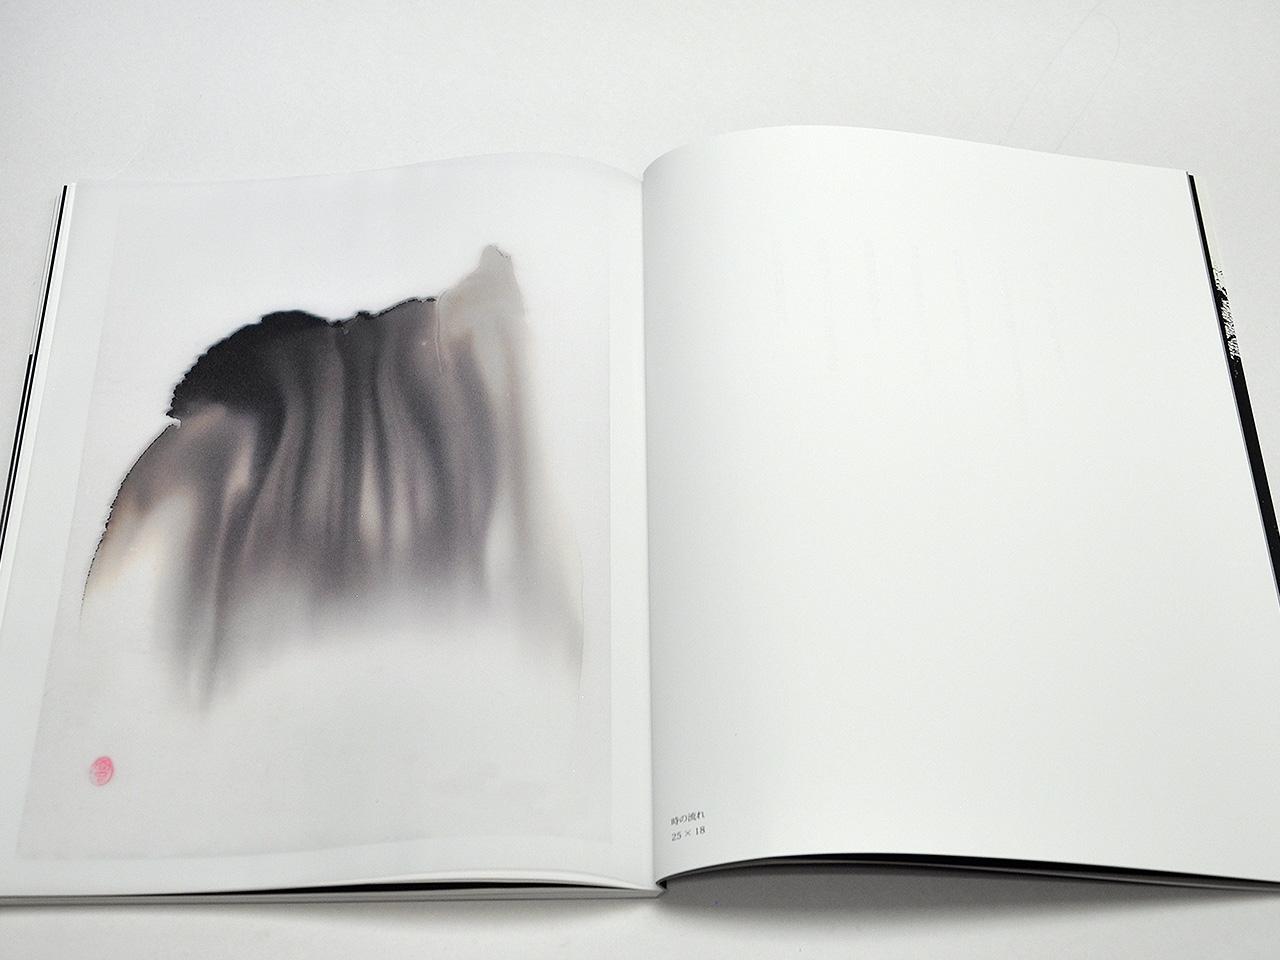 江見容子作品集「時の流れ」本文